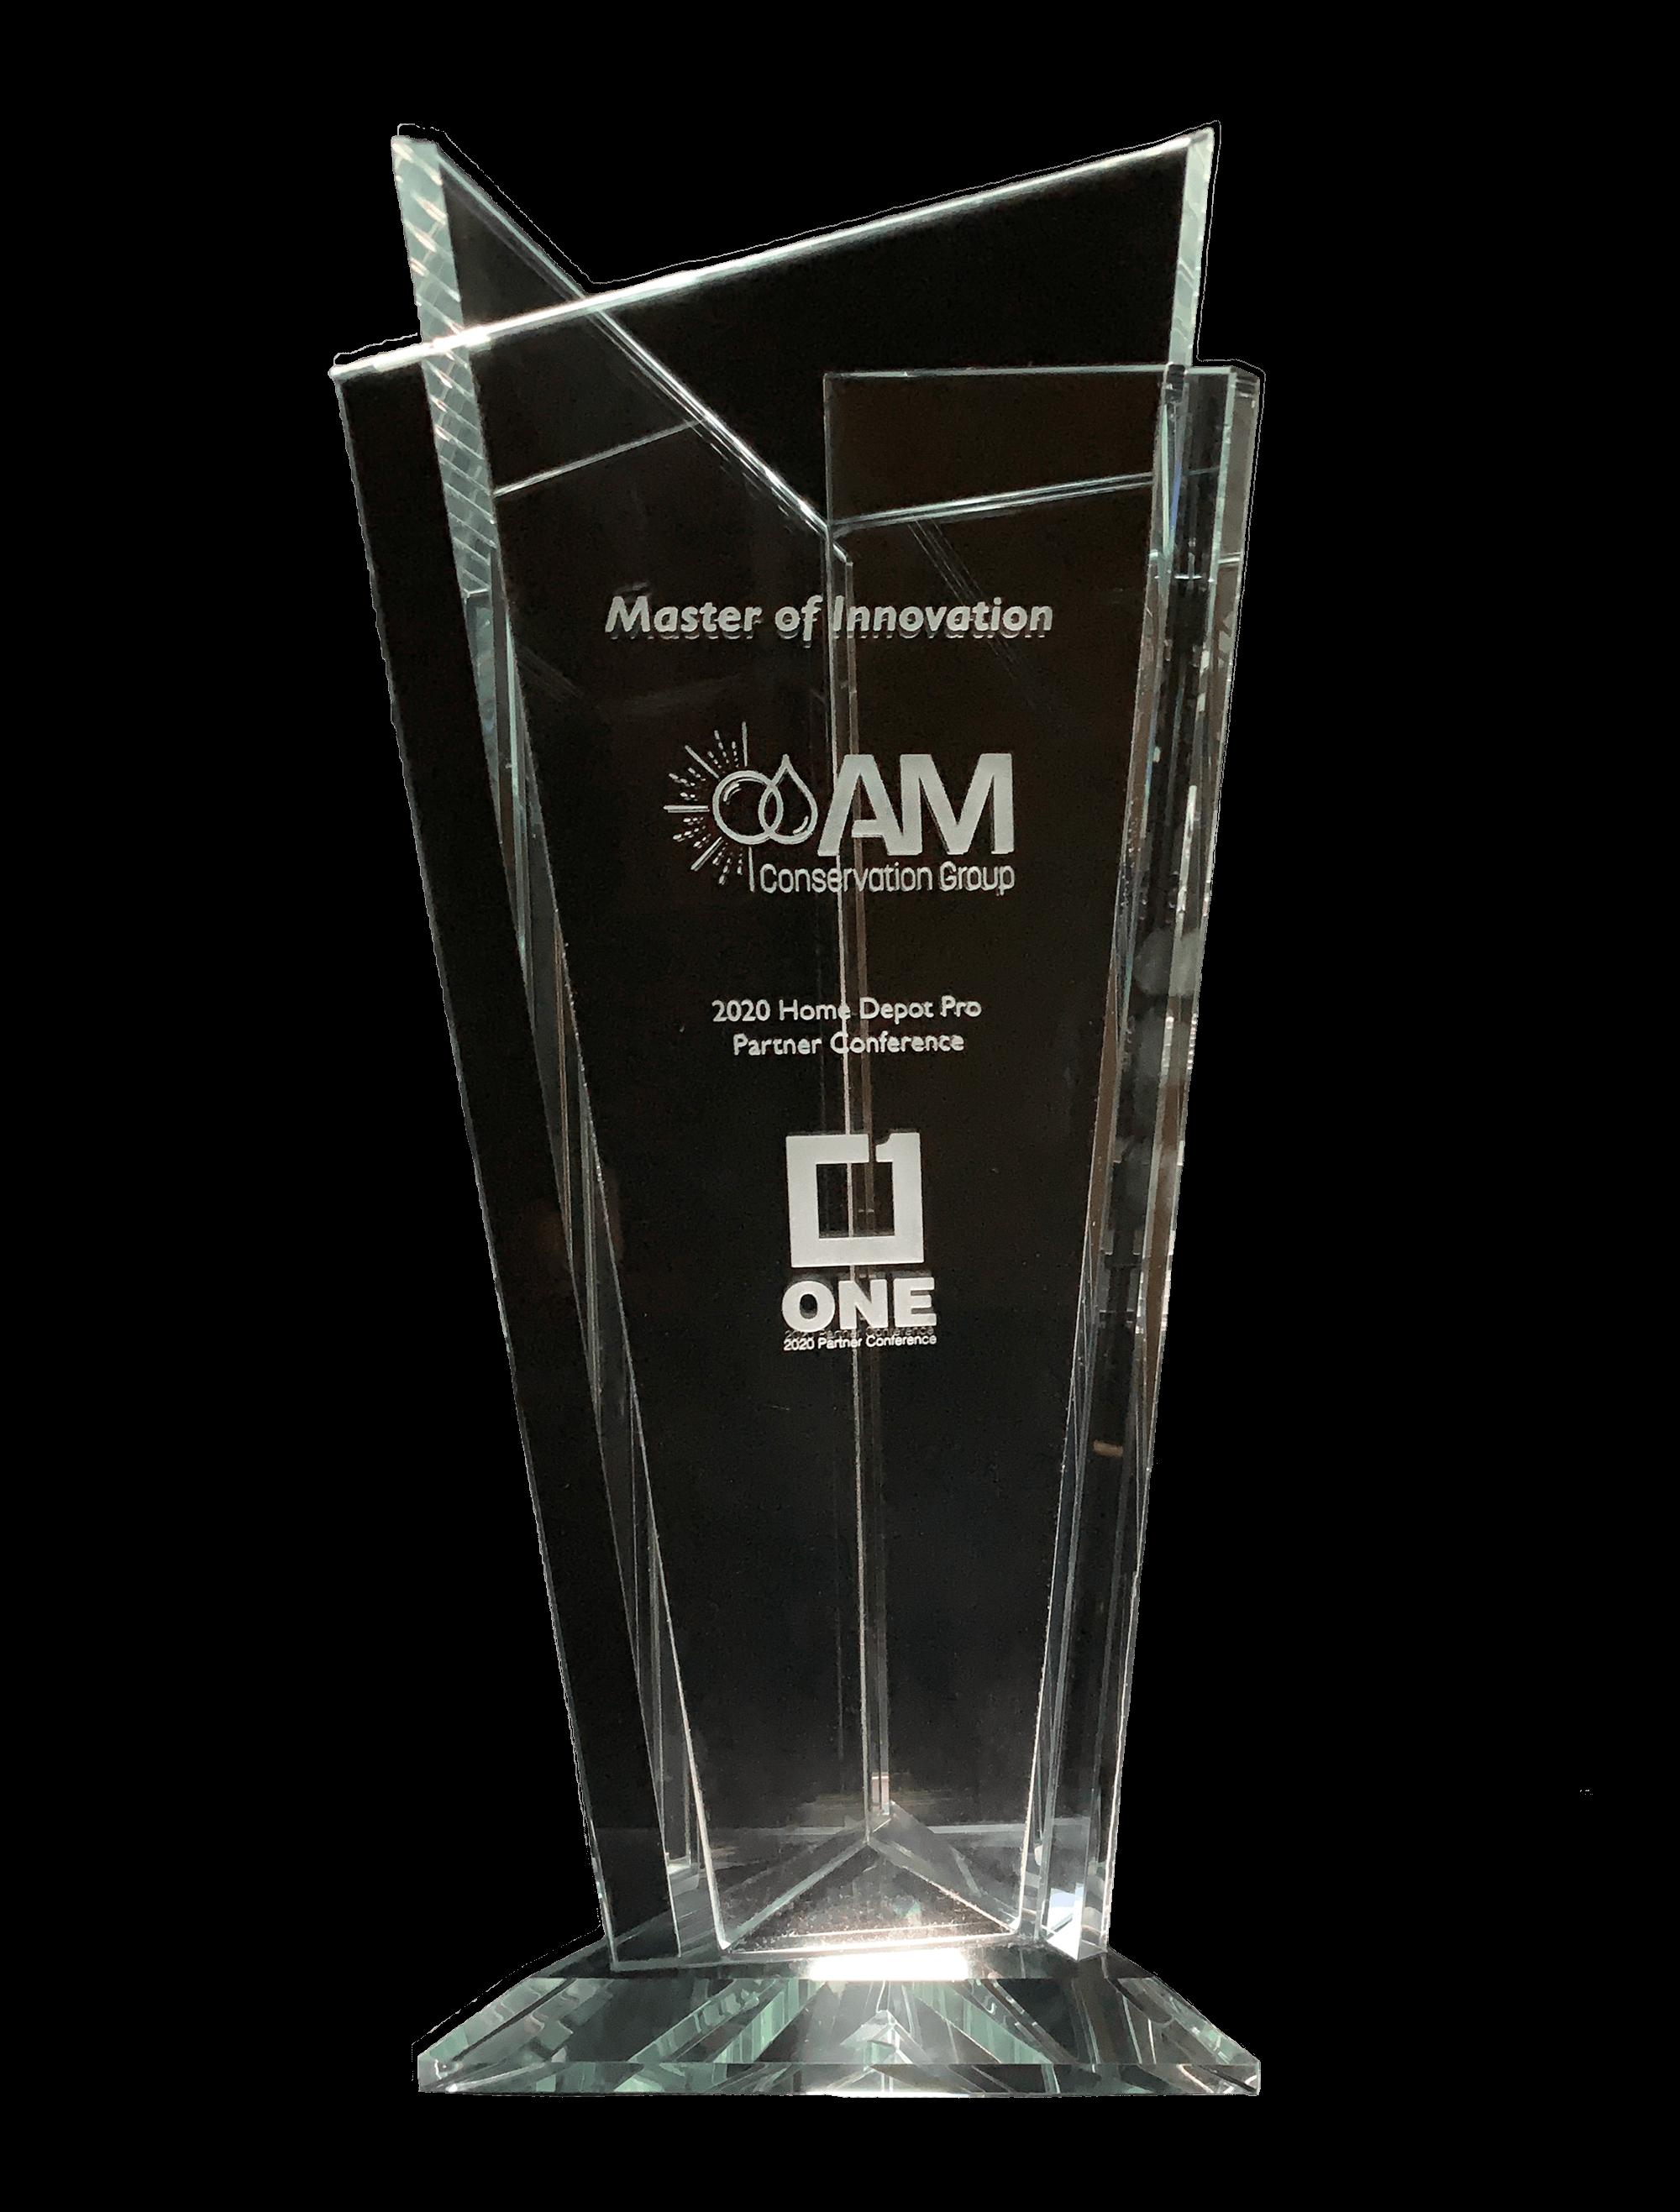 Winner of the Master of Innovation Award!